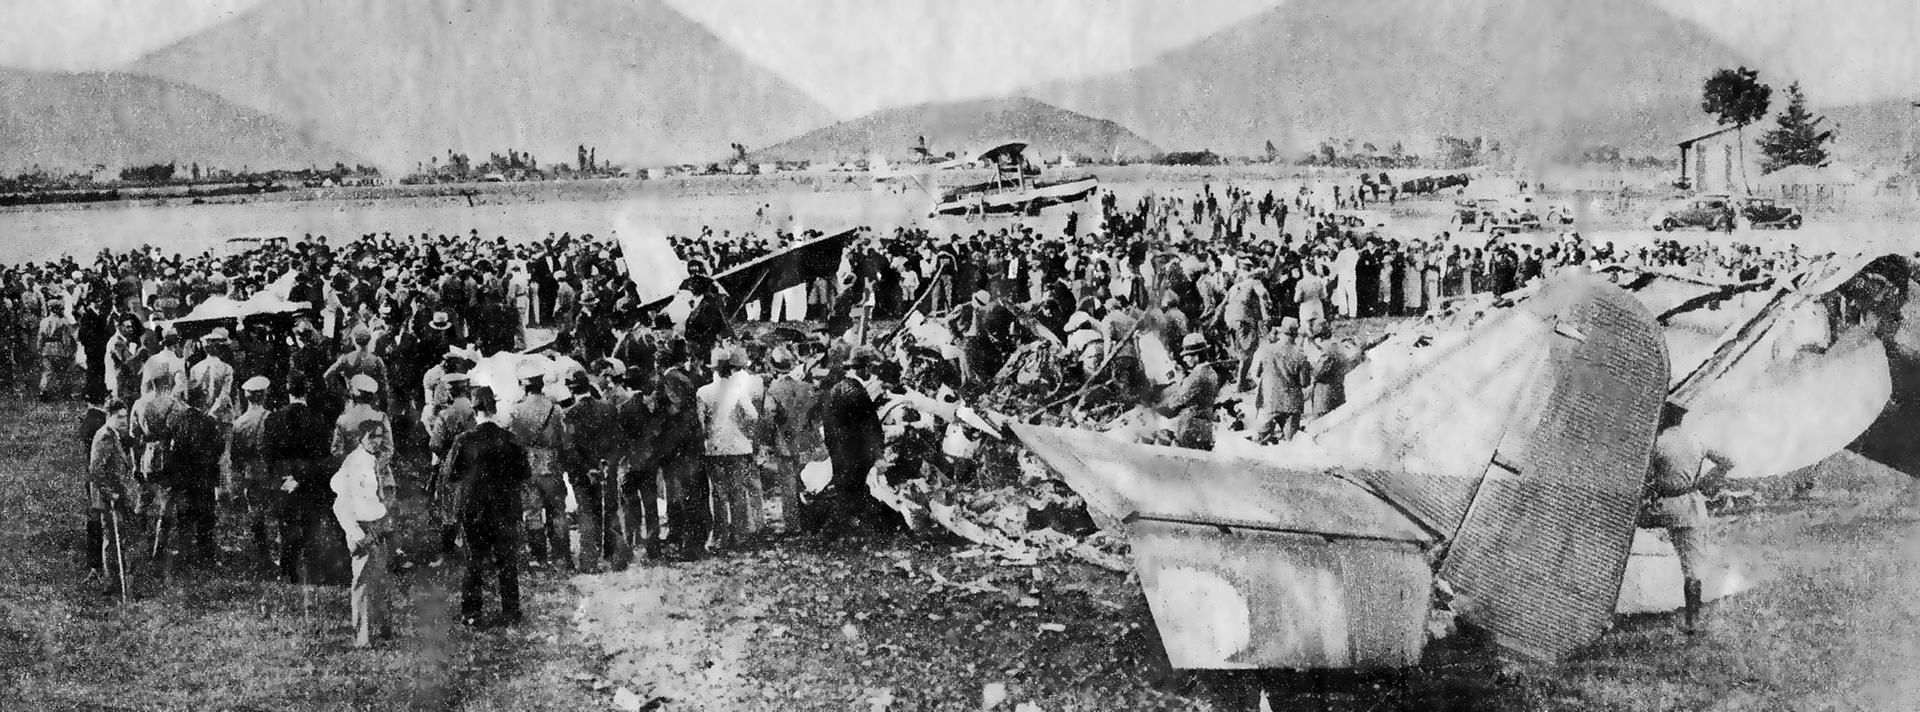 La imagen de la tragedia. Carlos Gardel acaba de morir luego de la colisión e incendio del avión en el que viajaba.